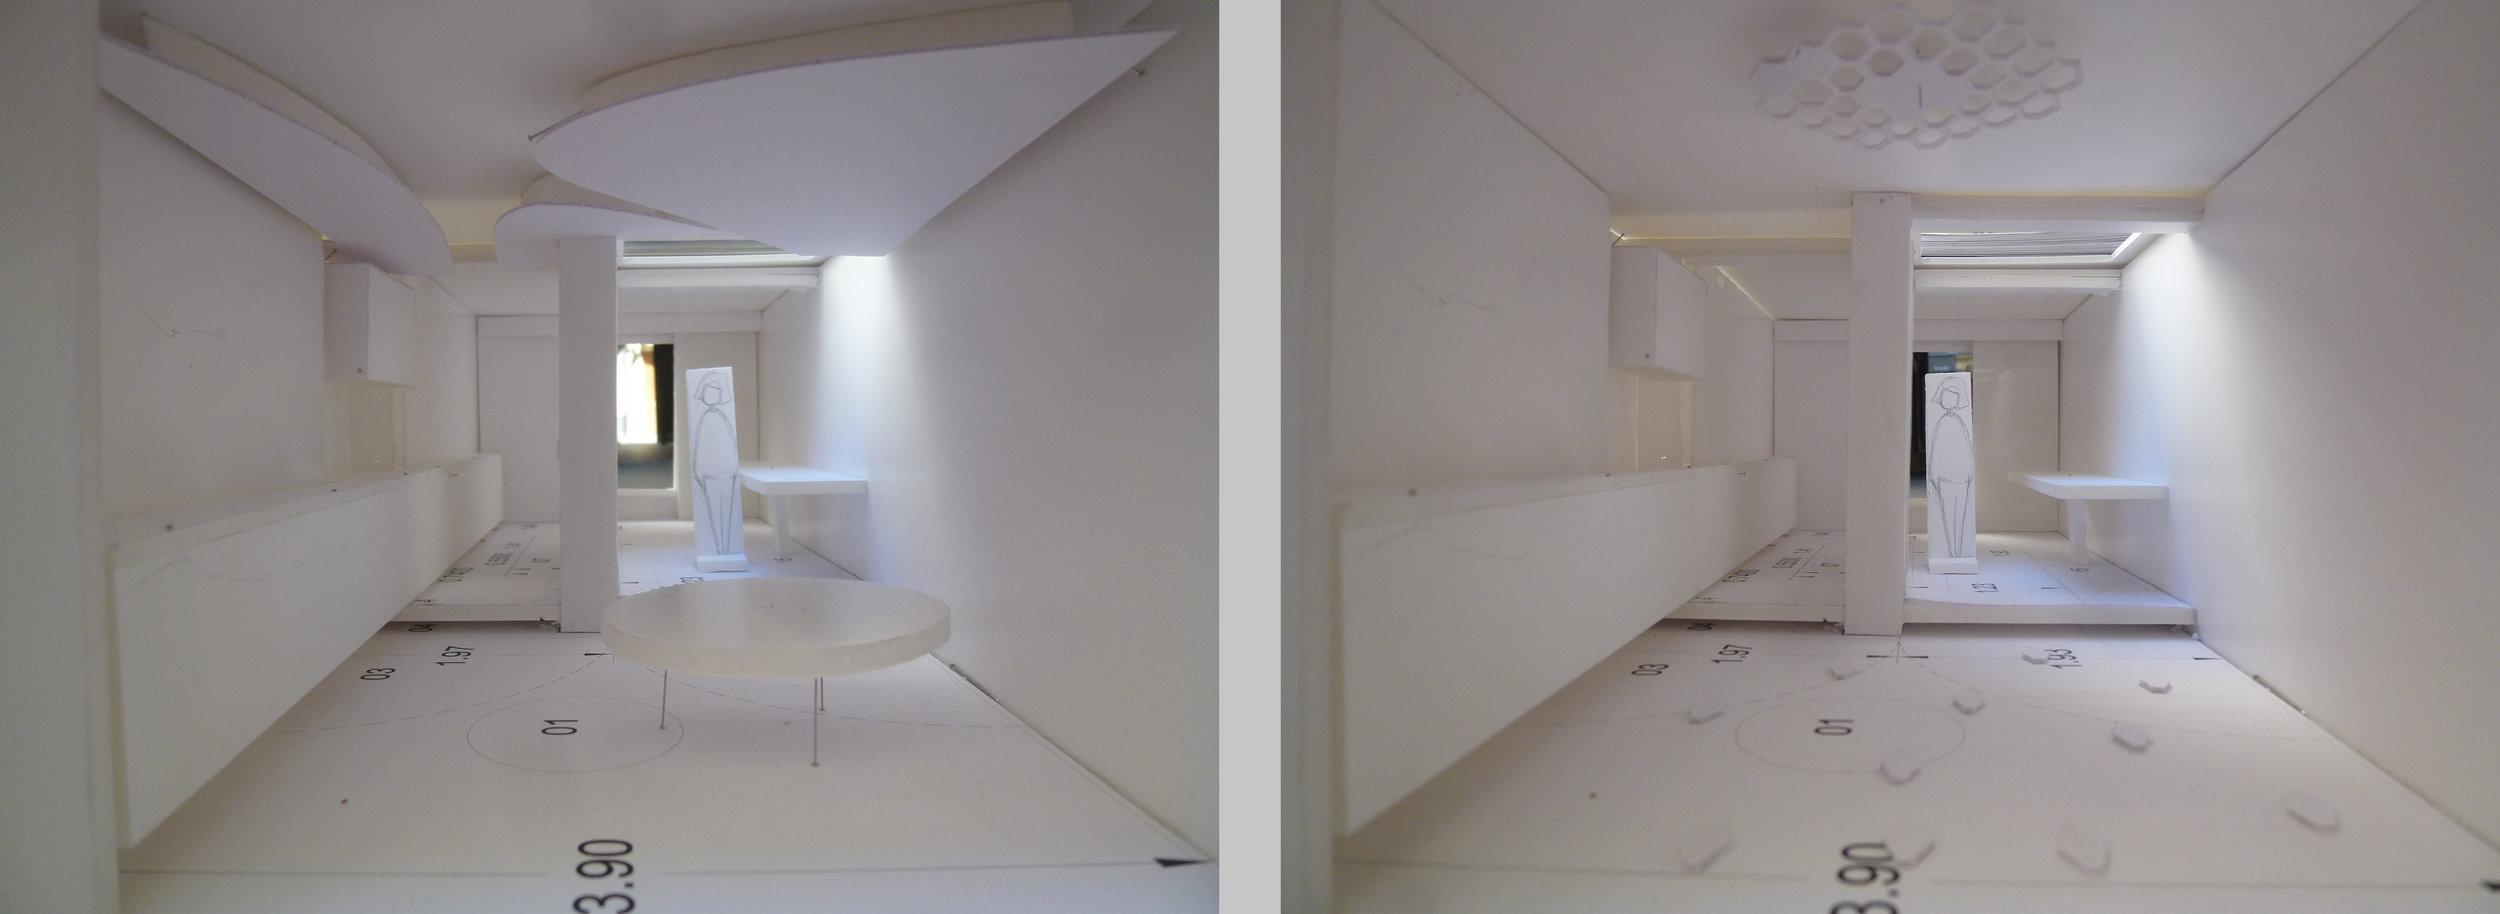 Il y a eu de nombreuses maquettes d'études avant de trouver le concept idéal pour ce showroom et atelier lumière